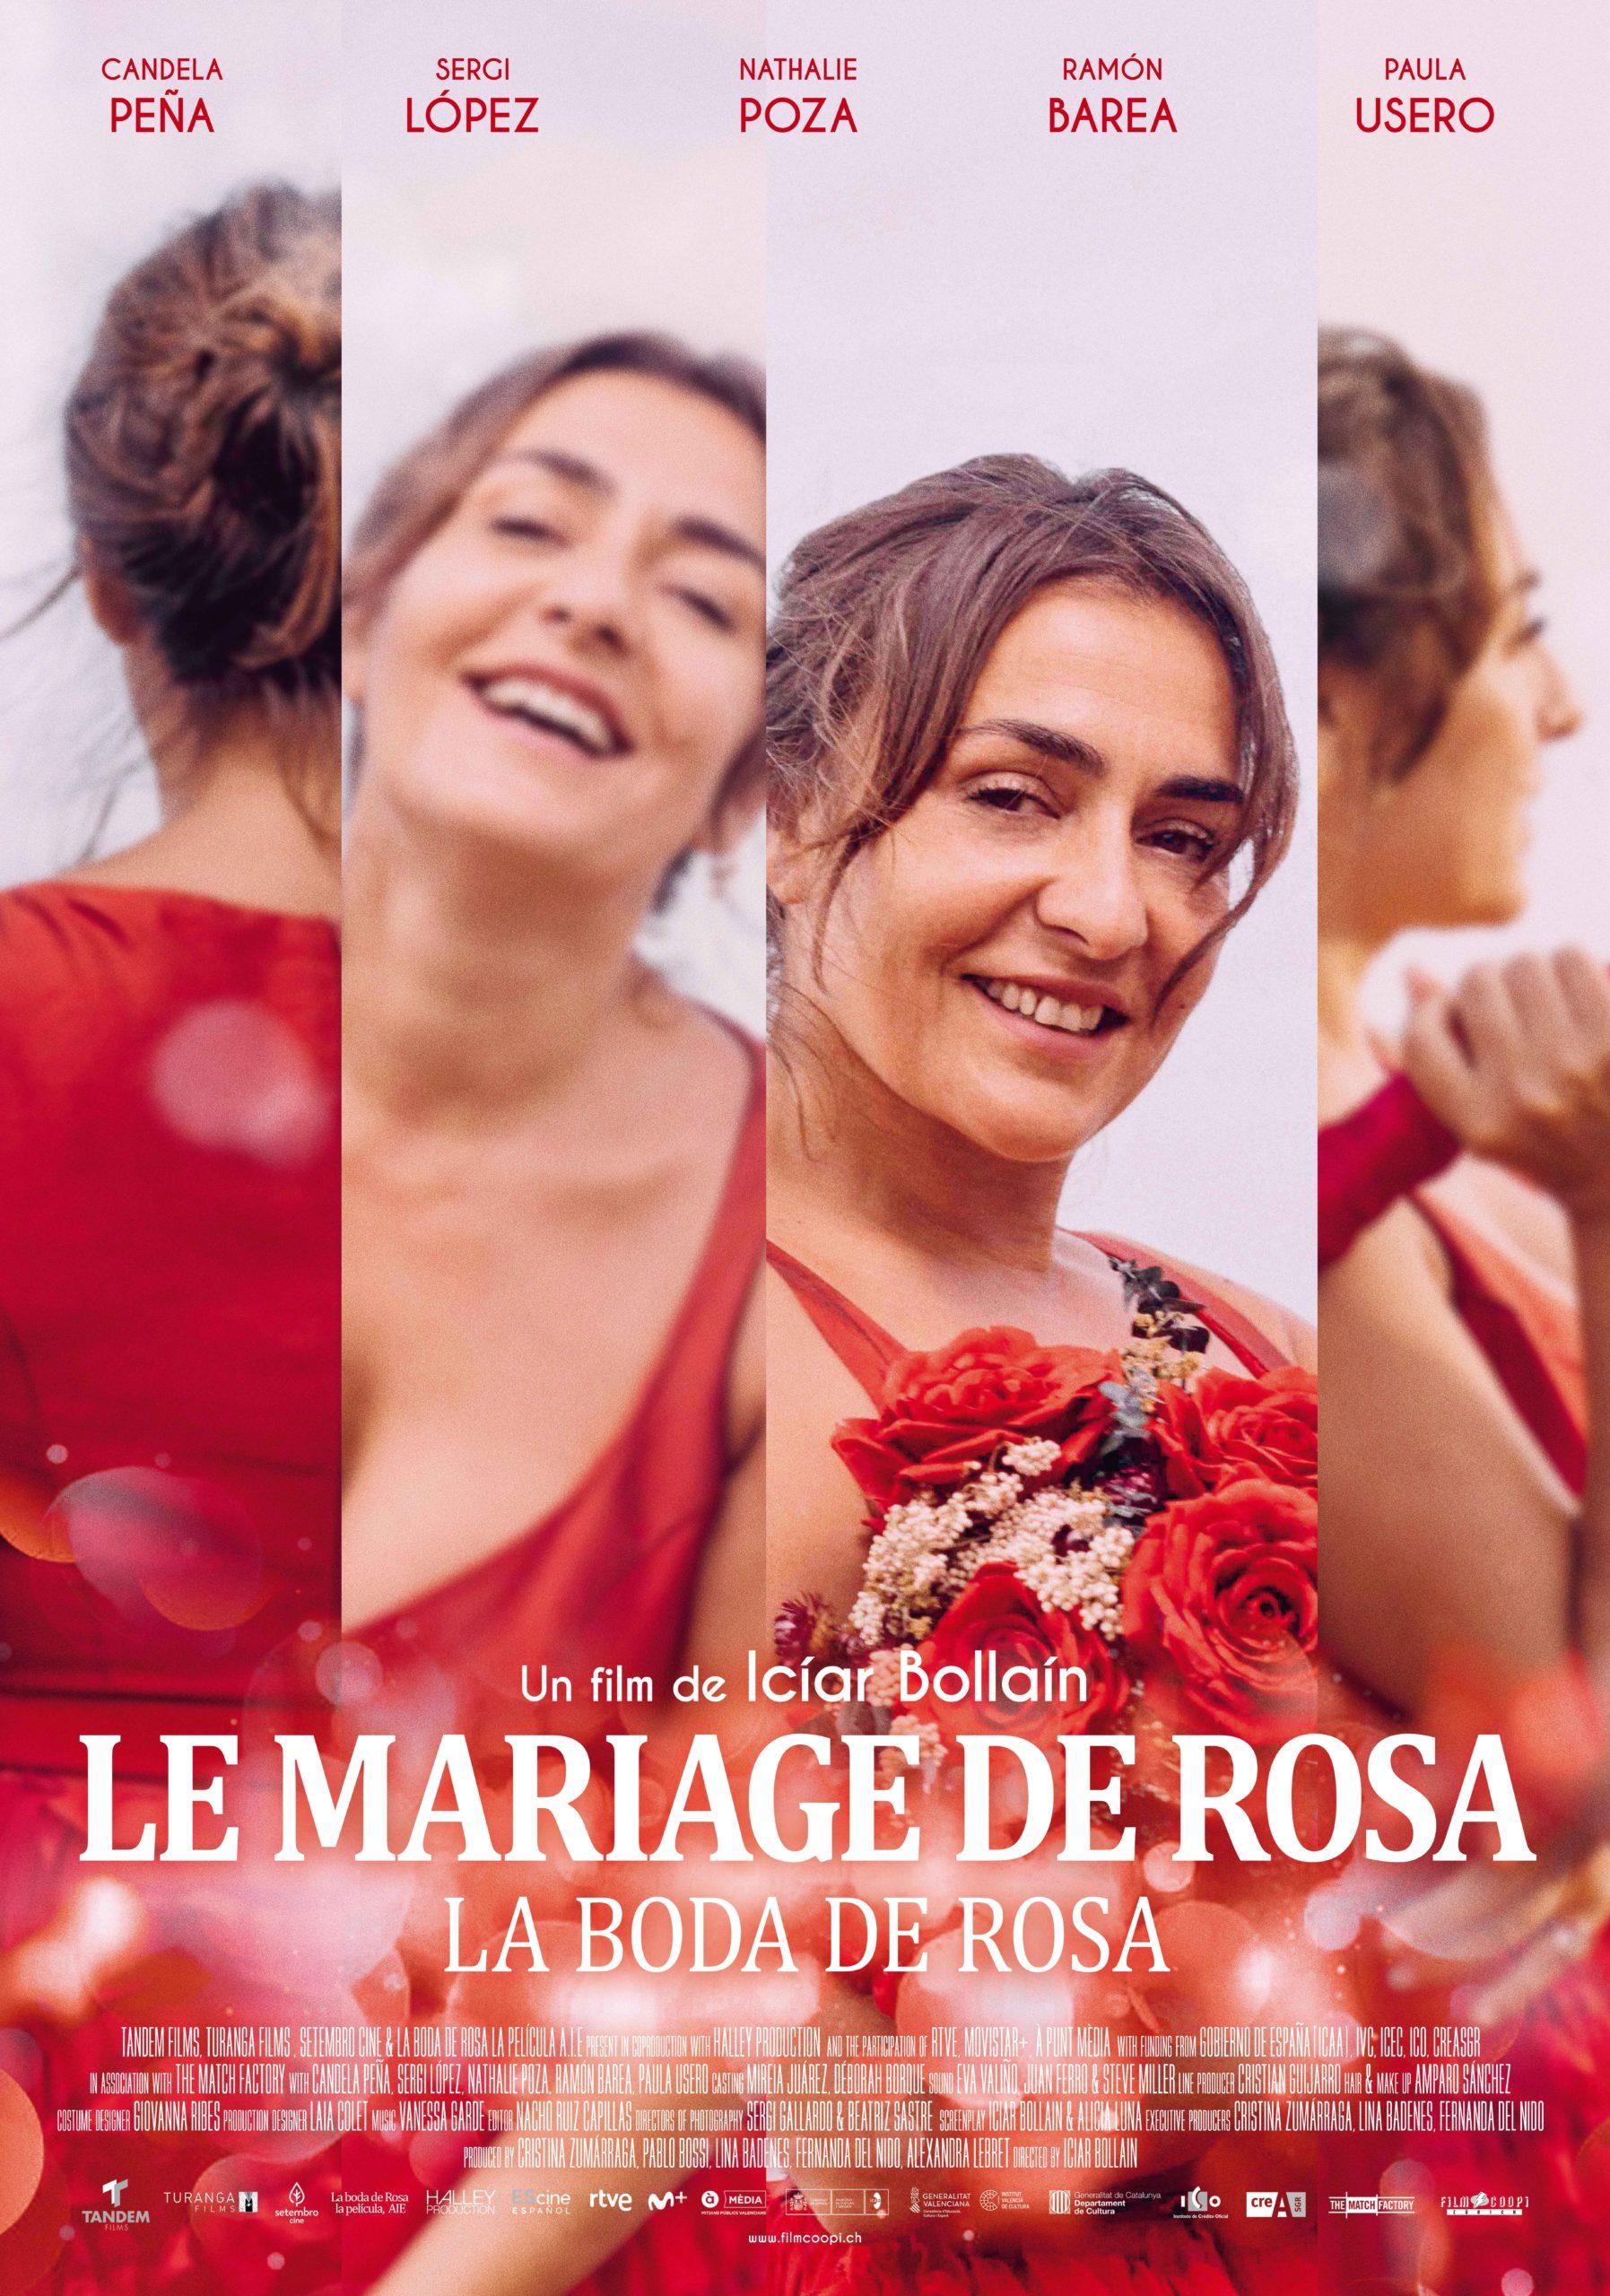 LA BODA DE ROSA (LE MARIAGE DE ROSA)